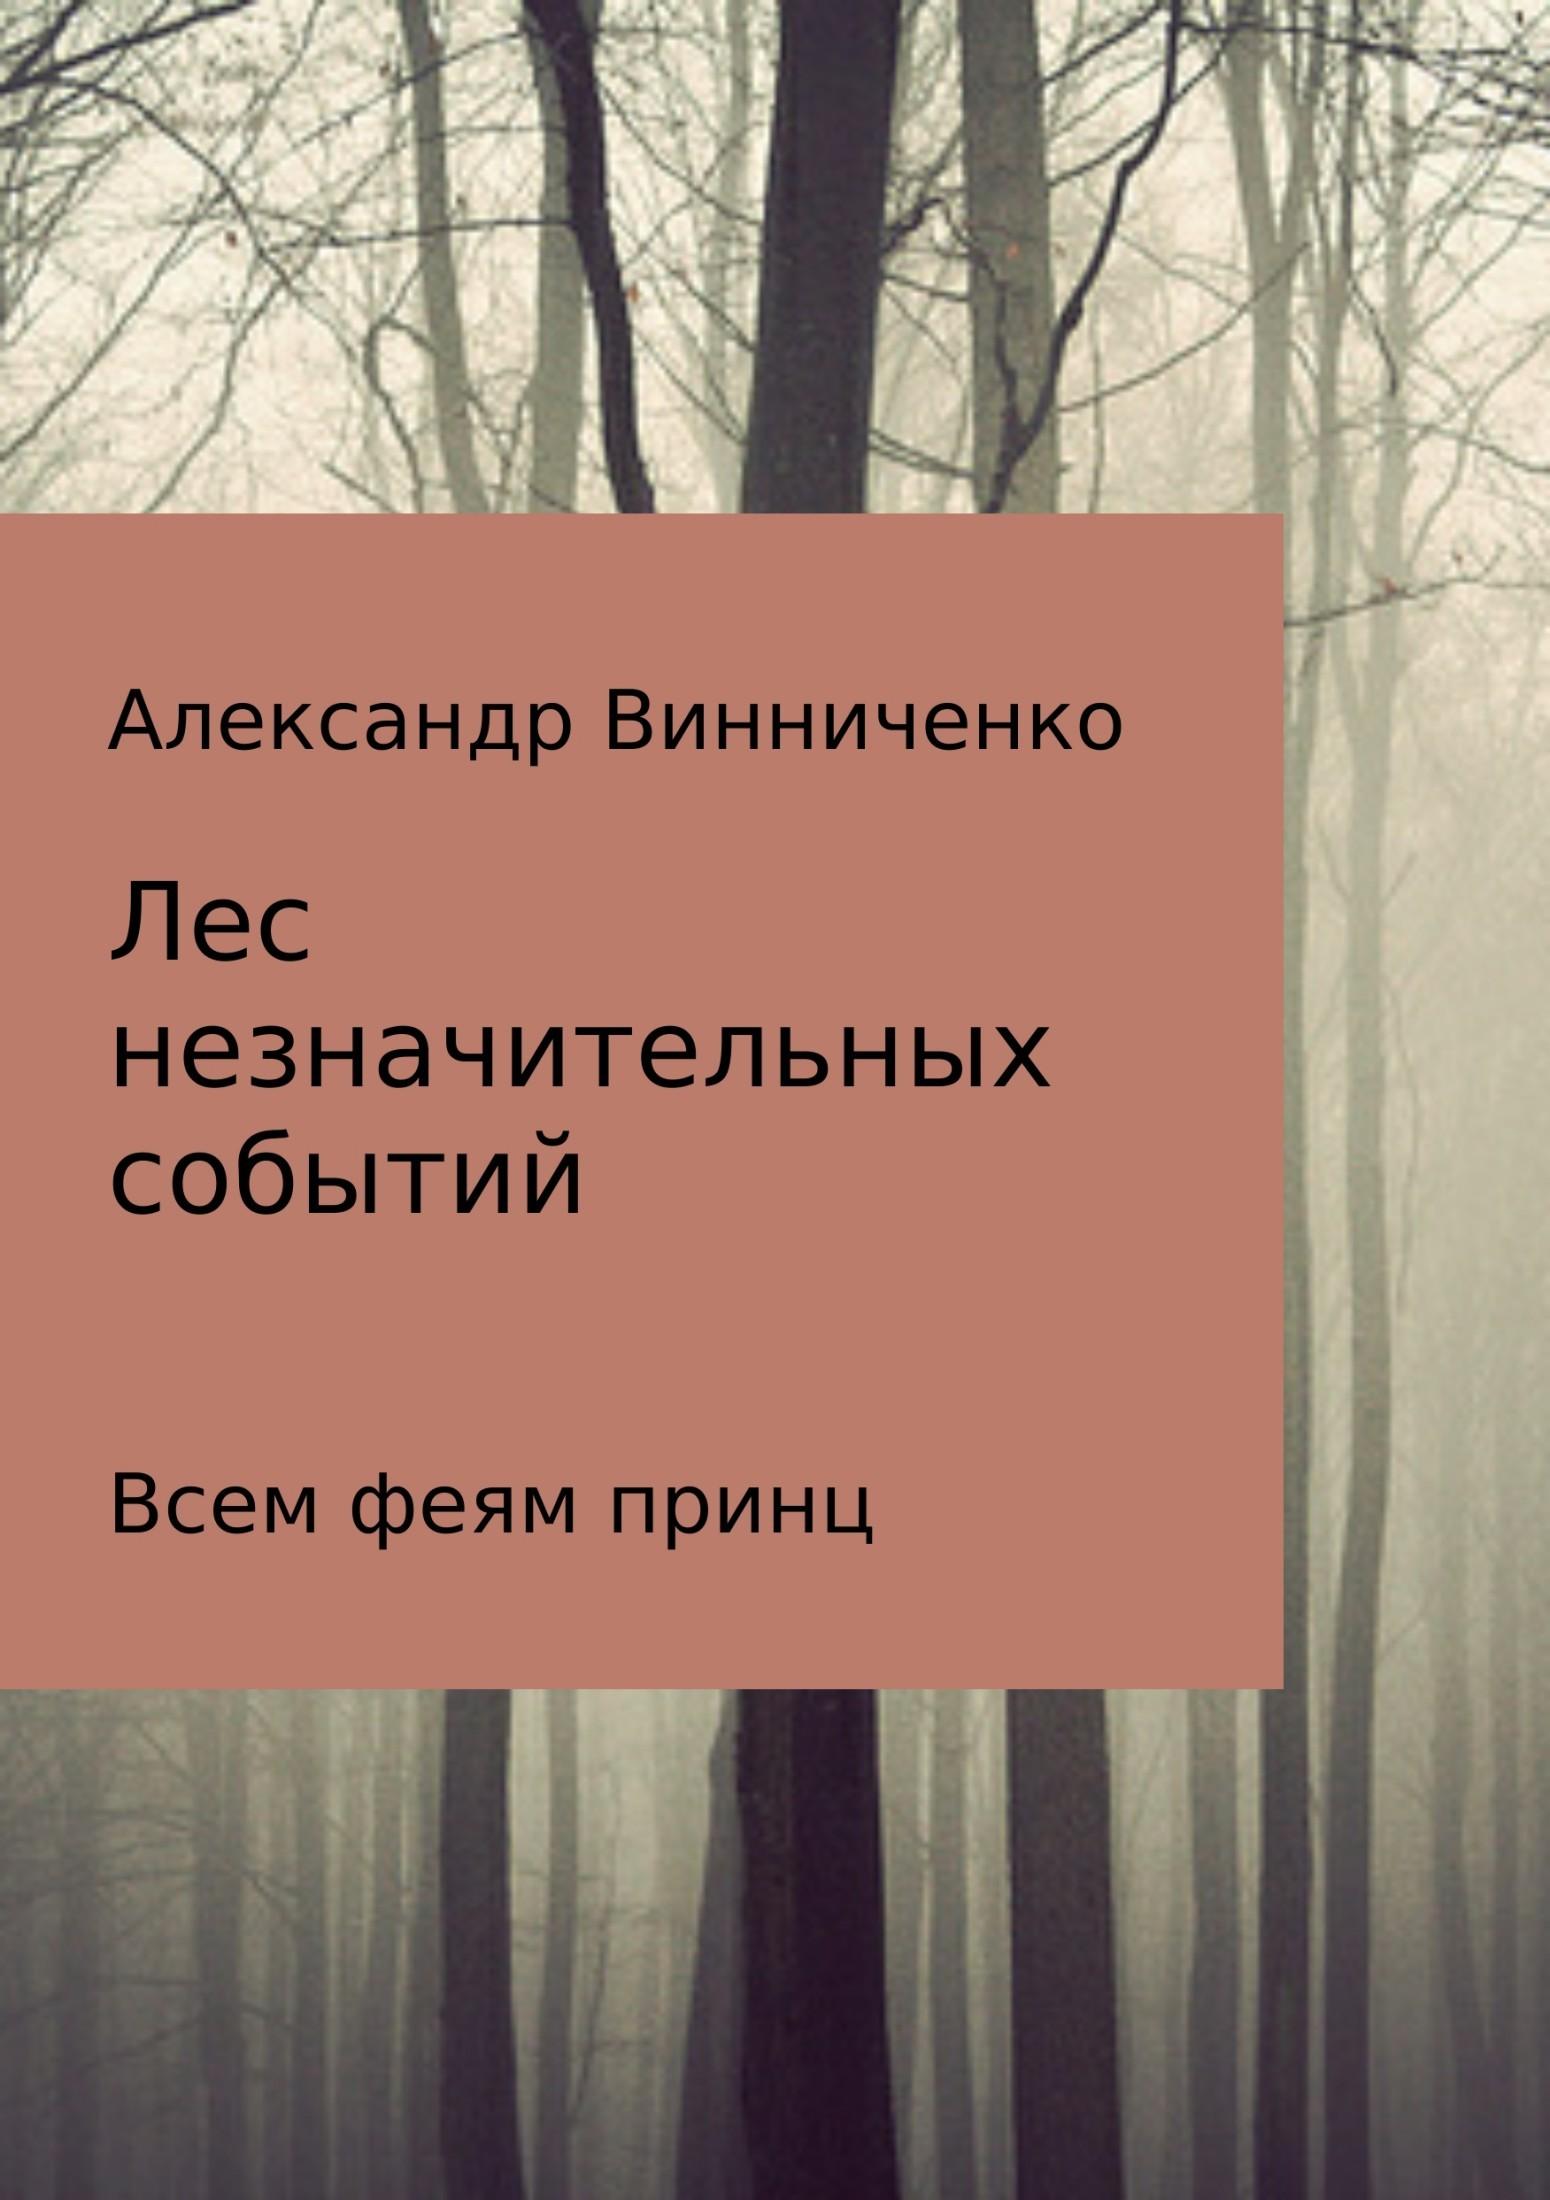 Лес незначительных событий. Часть 3. Всем феям принц